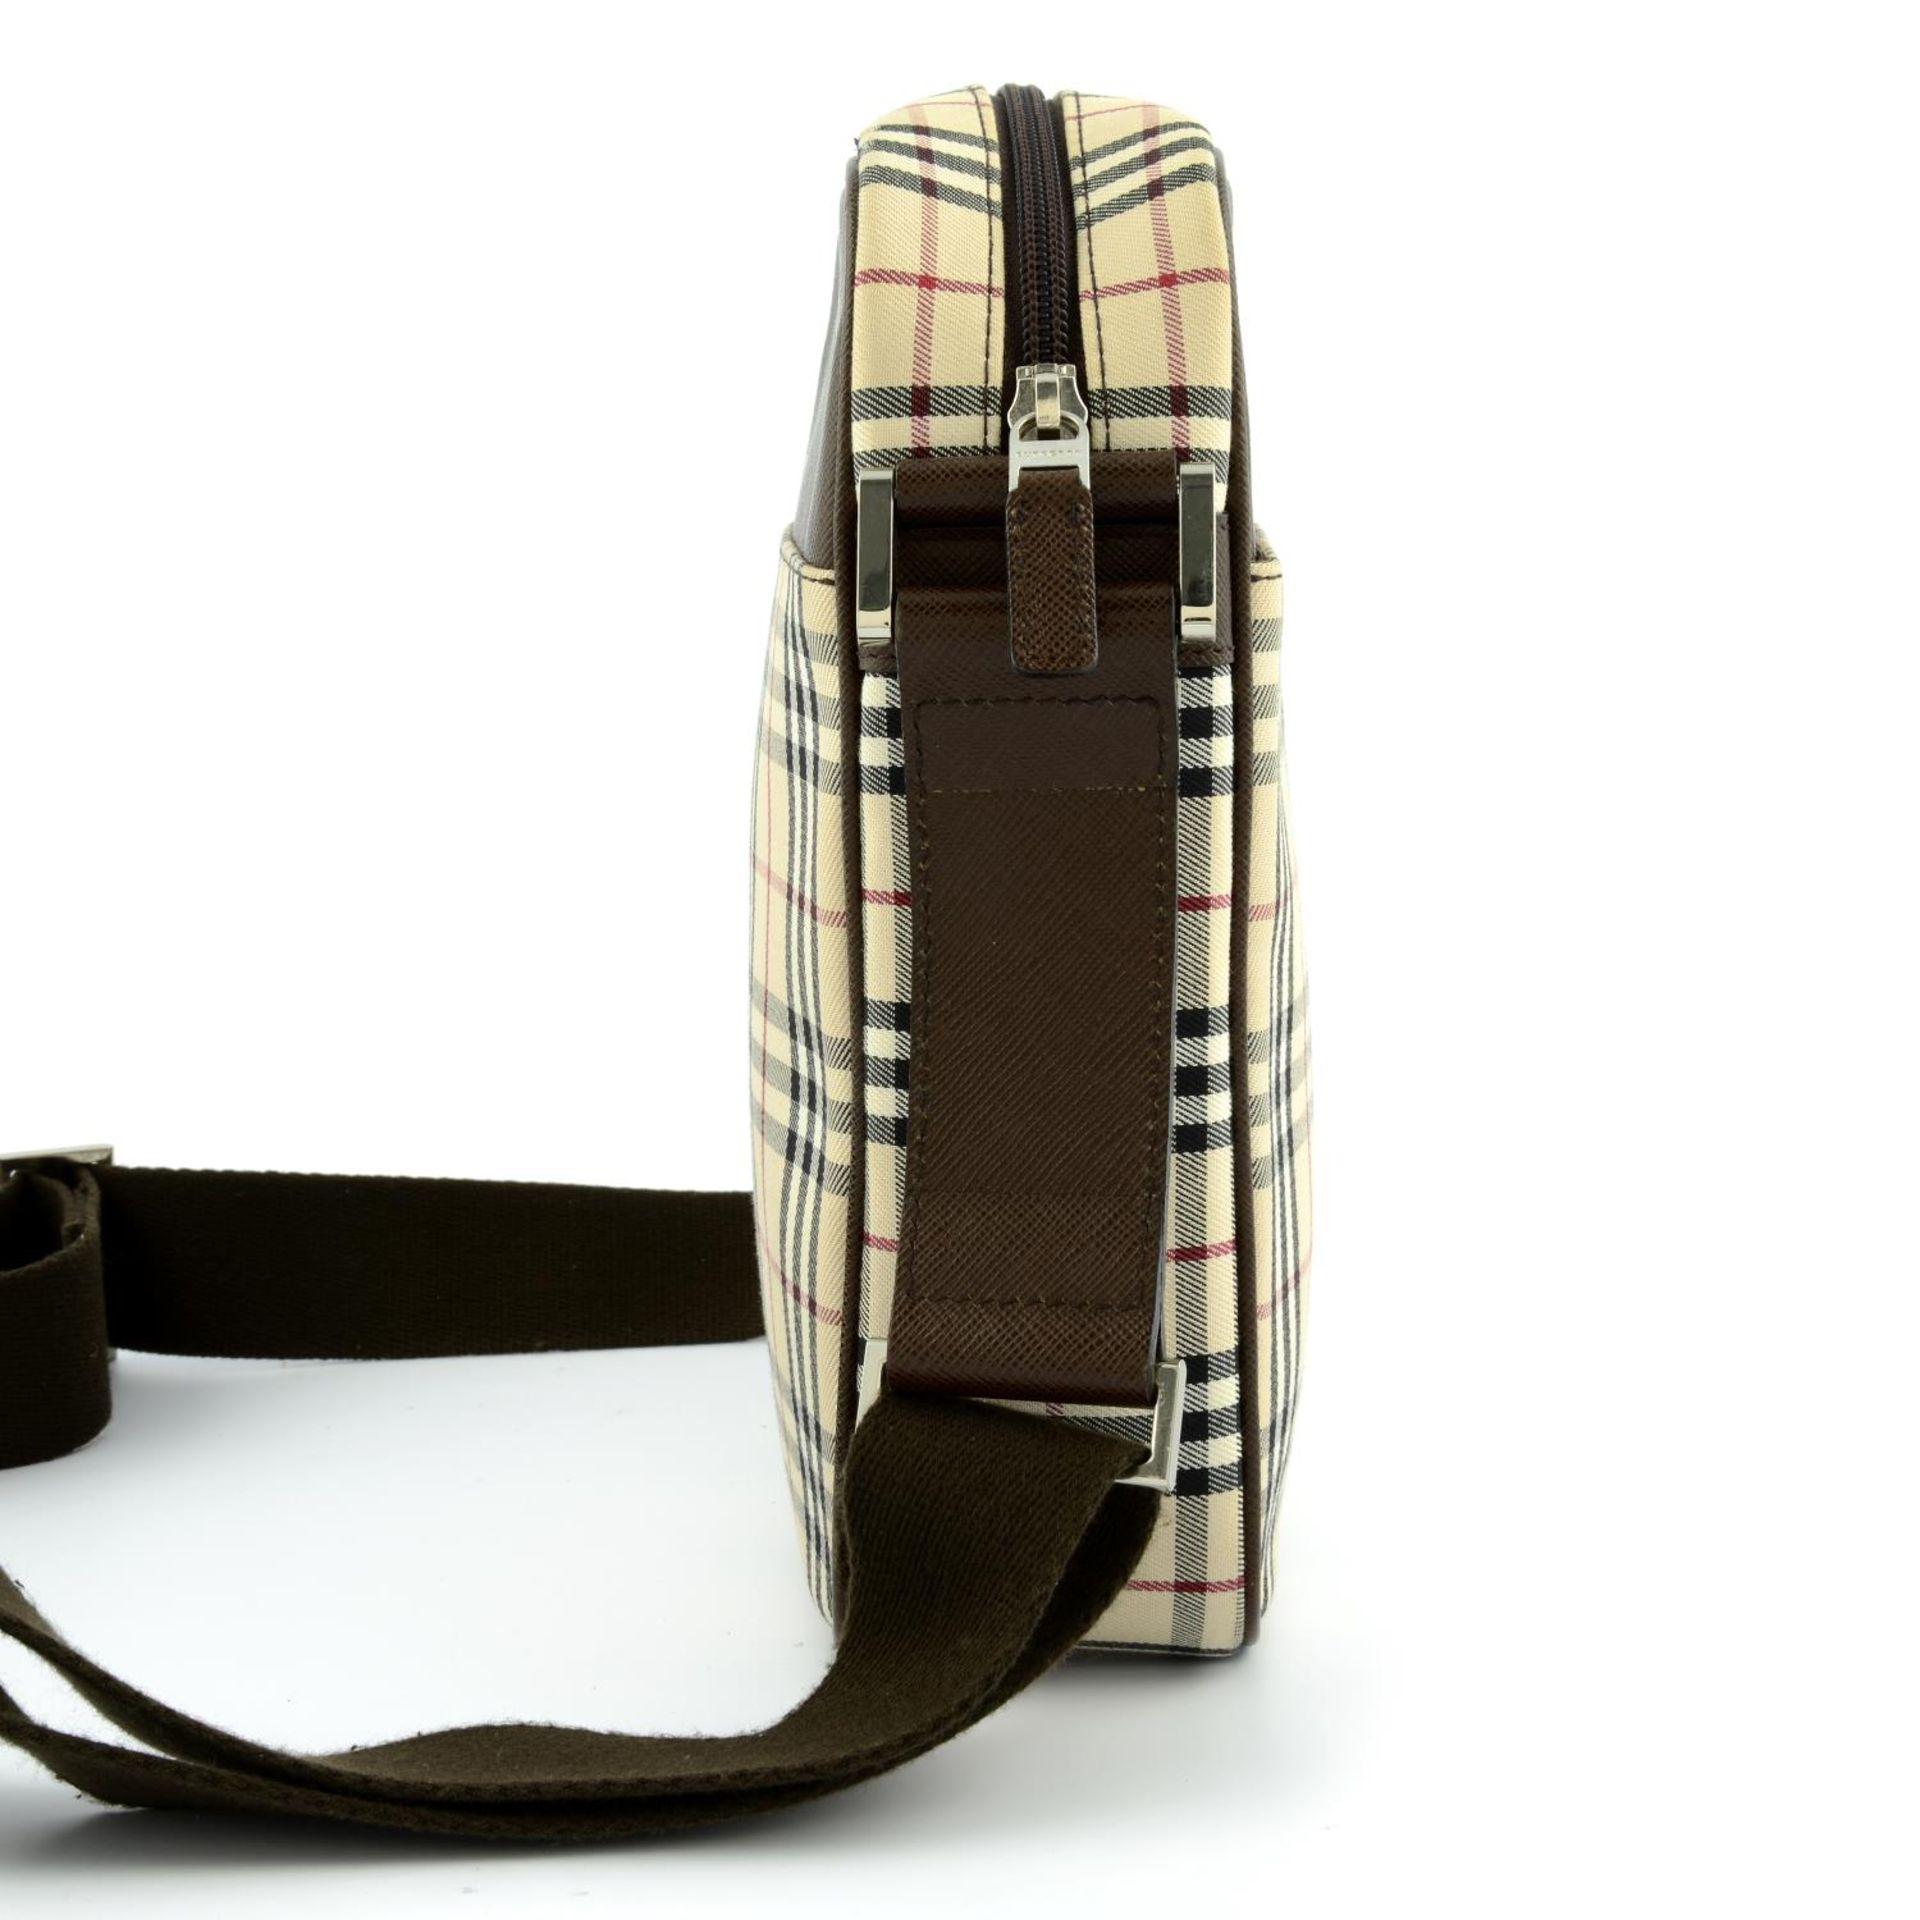 BURBERRY - a Nova Check crossbody messenger bag. - Image 3 of 5